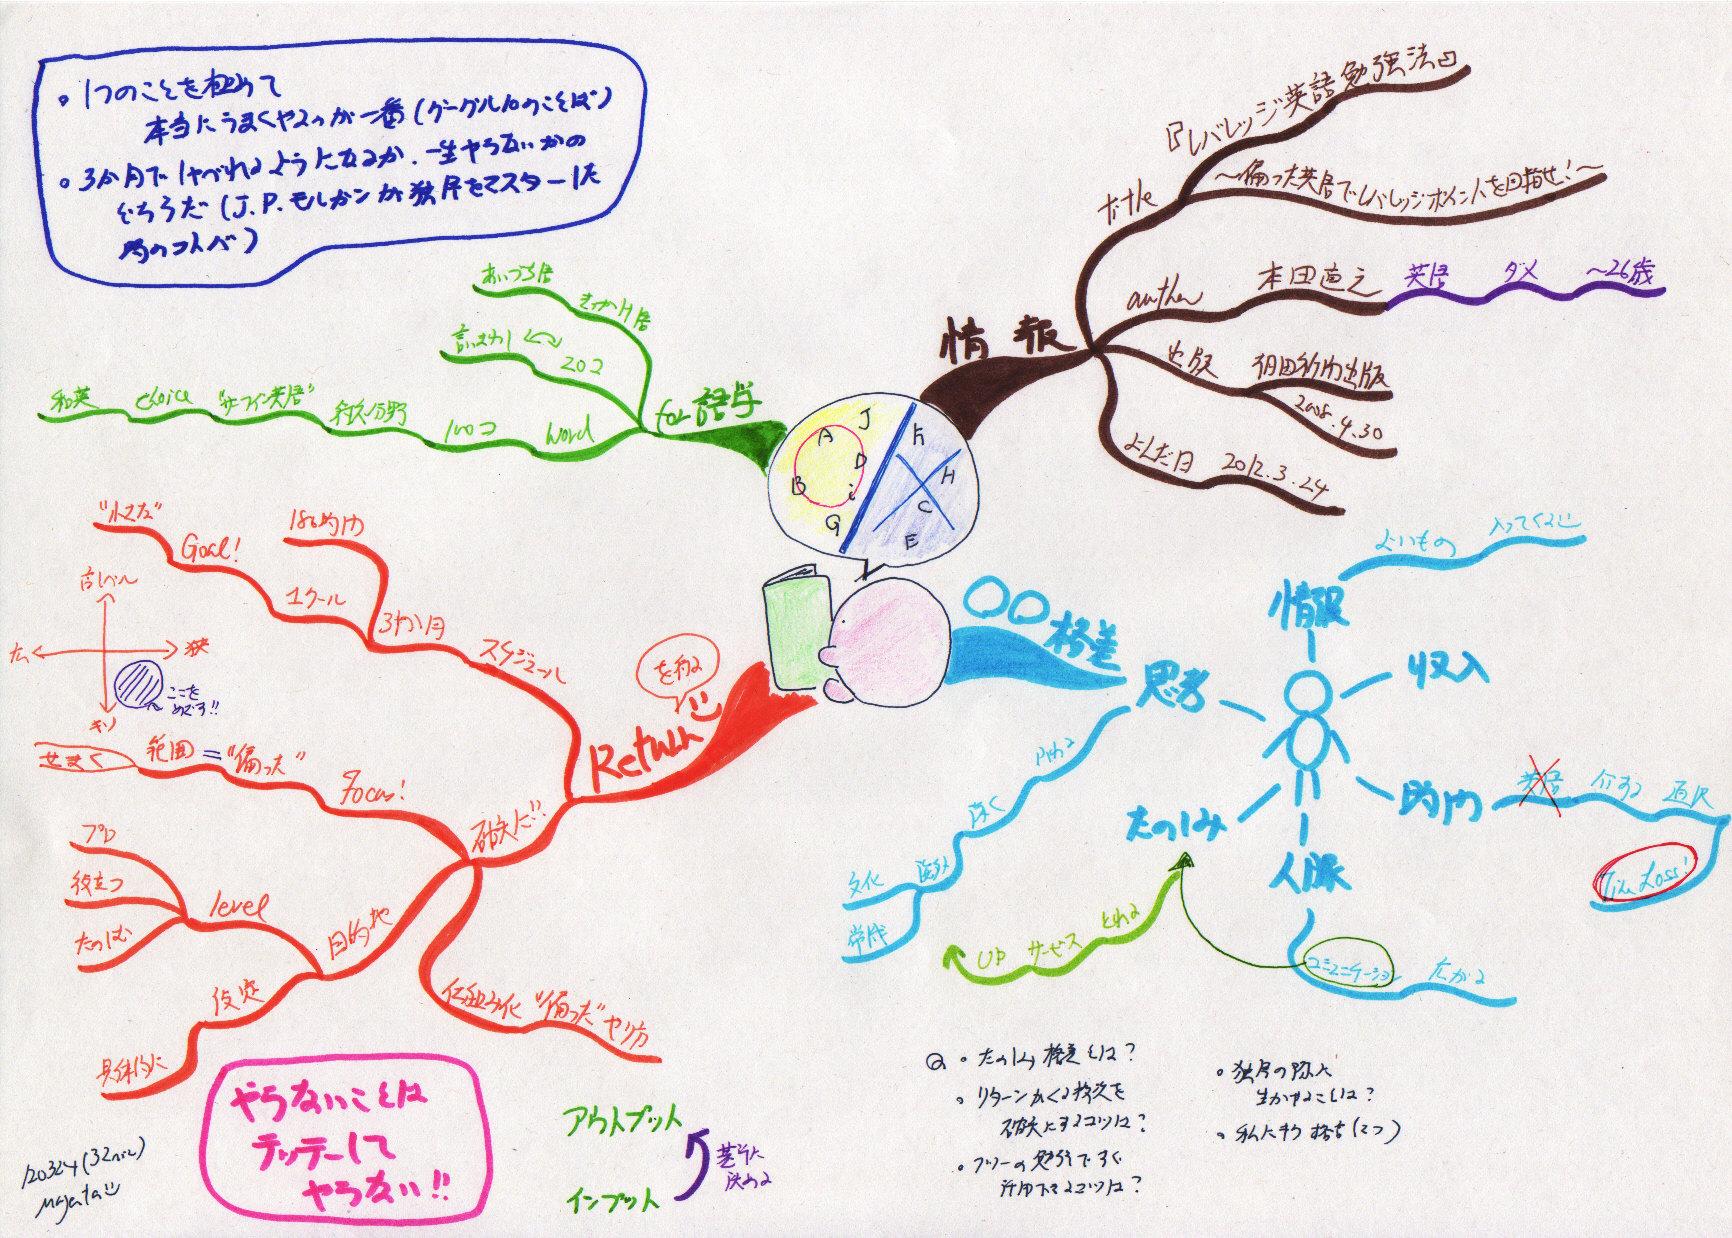 読書マップ『レバレッジ英語勉強法』